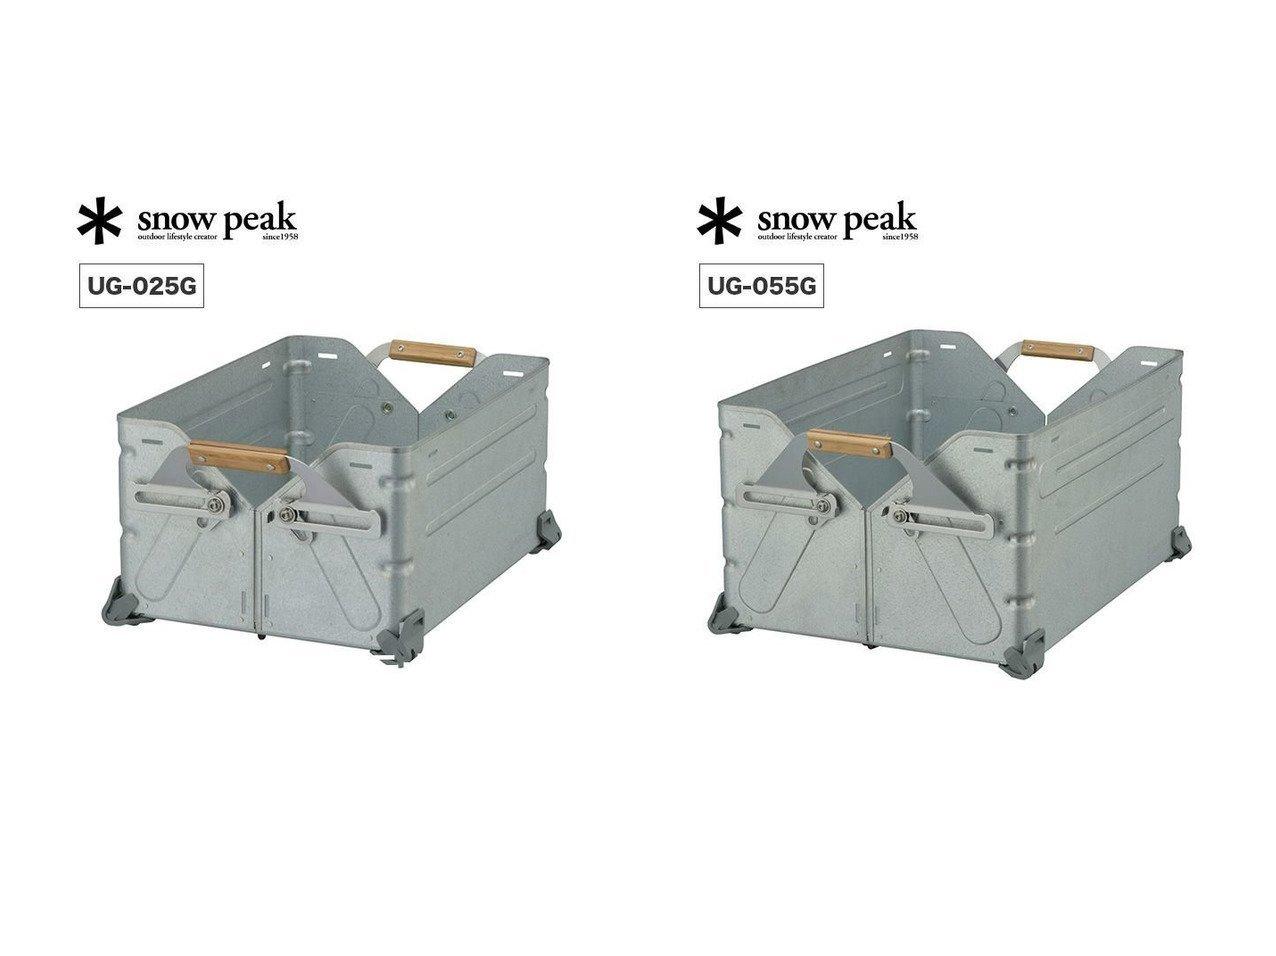 【Snow Peak/スノーピーク】のShelf Container 25 シェルフコンテナ 25&Shelf Container 50 シェルフコンテナ 50 おすすめ!人気キャンプ・アウトドア用品の通販 おすすめで人気の流行・トレンド、ファッションの通販商品 インテリア・家具・メンズファッション・キッズファッション・レディースファッション・服の通販 founy(ファニー) https://founy.com/ ブランケット 人気 ホーム・キャンプ・アウトドア Home,Garden,Outdoor,Camping Gear キャンプ用品・アウトドア  Camping Gear & Outdoor Supplies その他 雑貨 小物 Camping Tools |ID:crp329100000044392